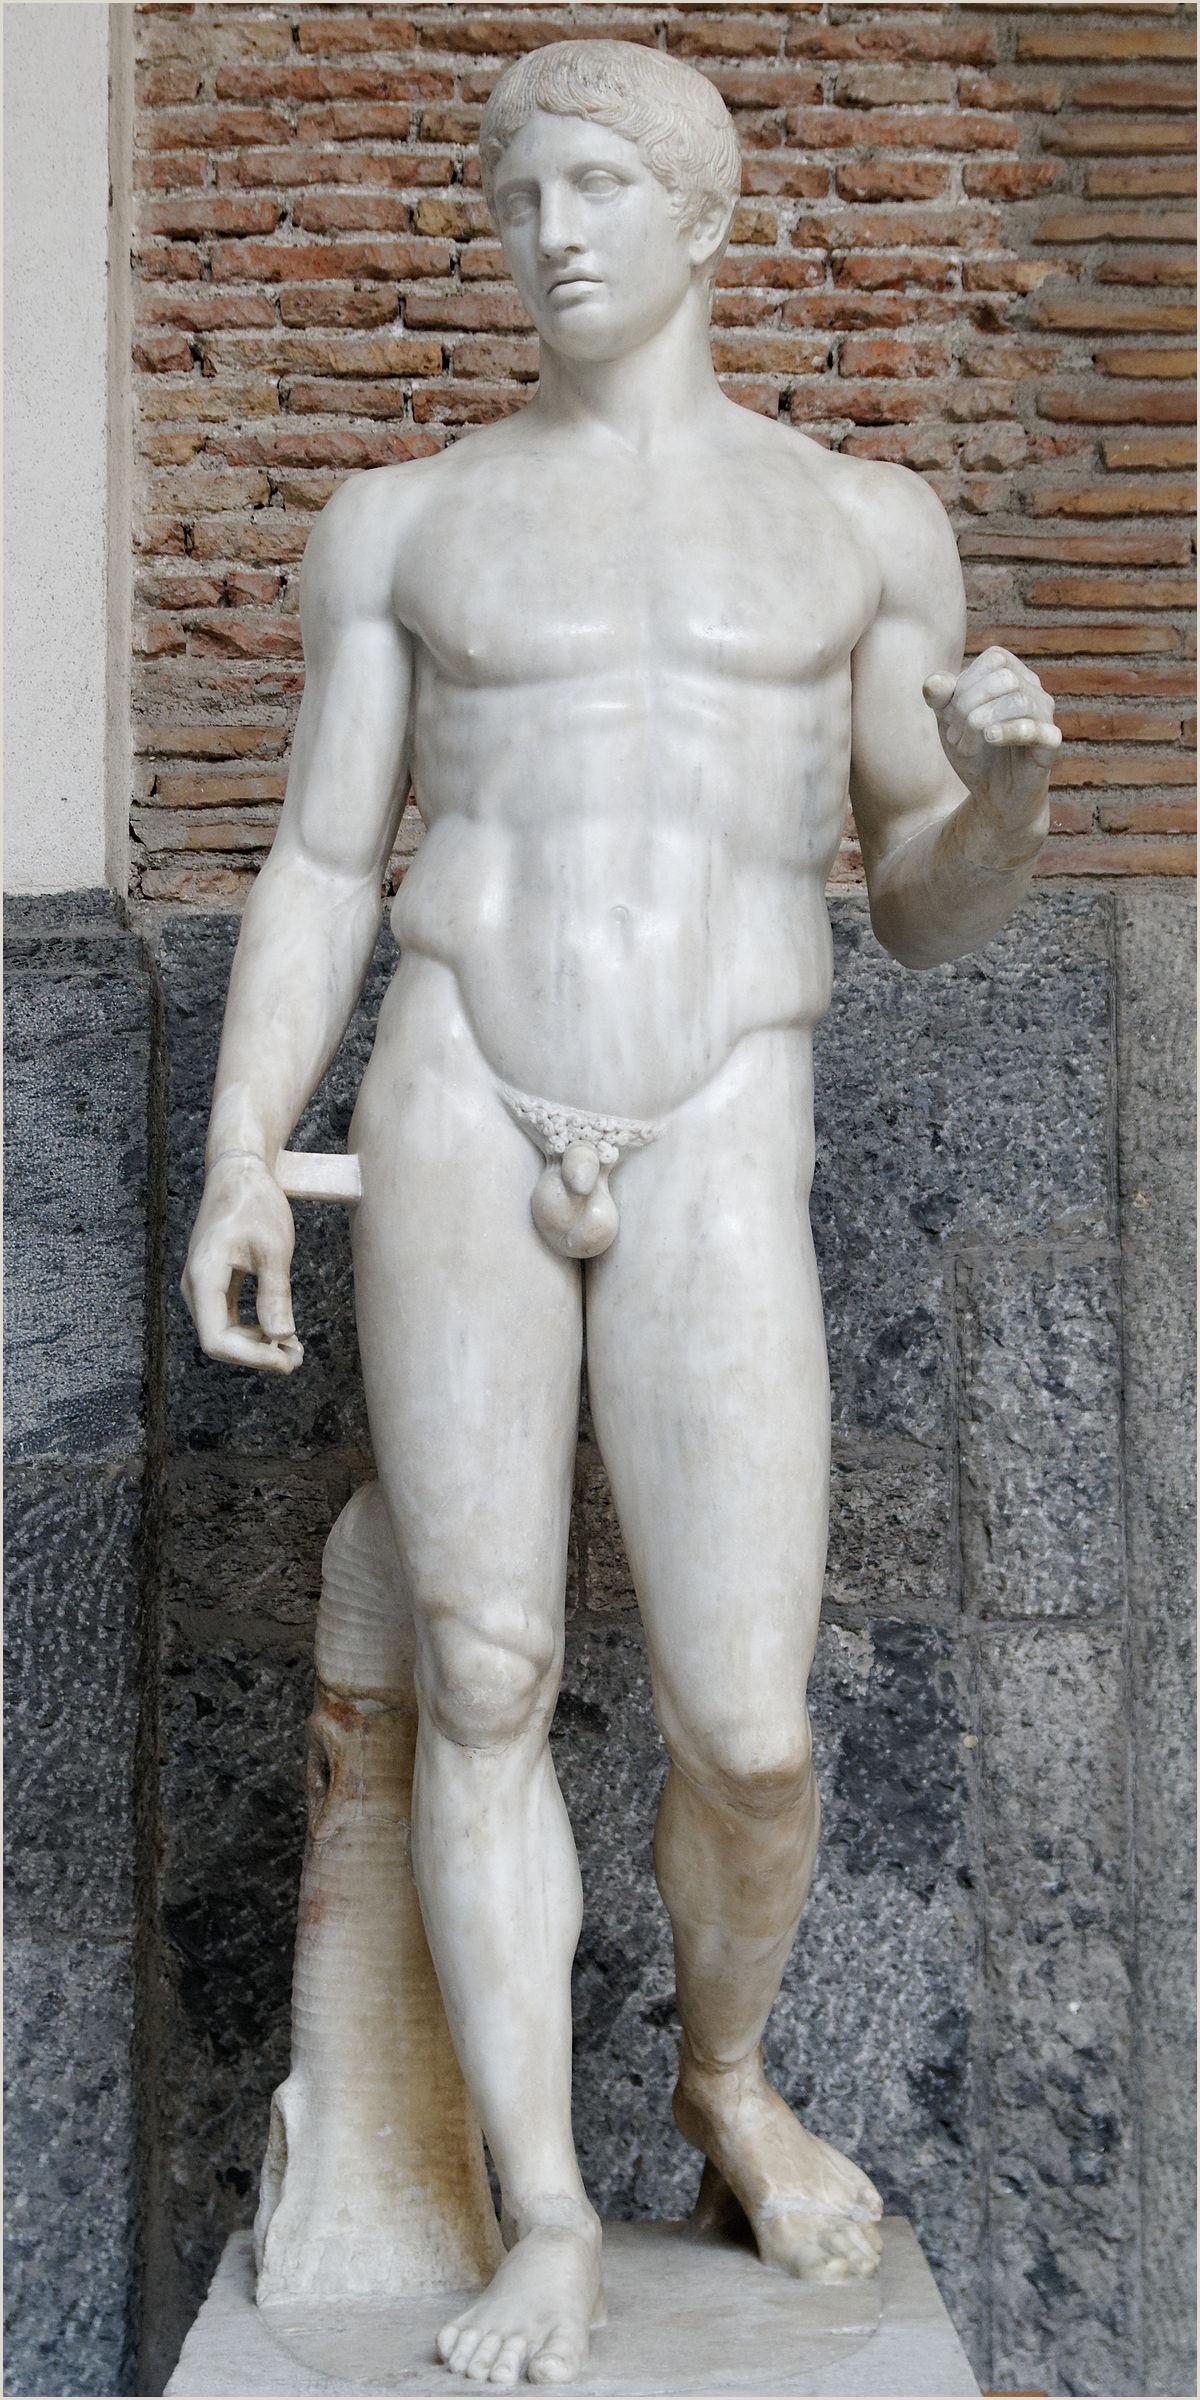 Escultura griega clásica la enciclopedia libre